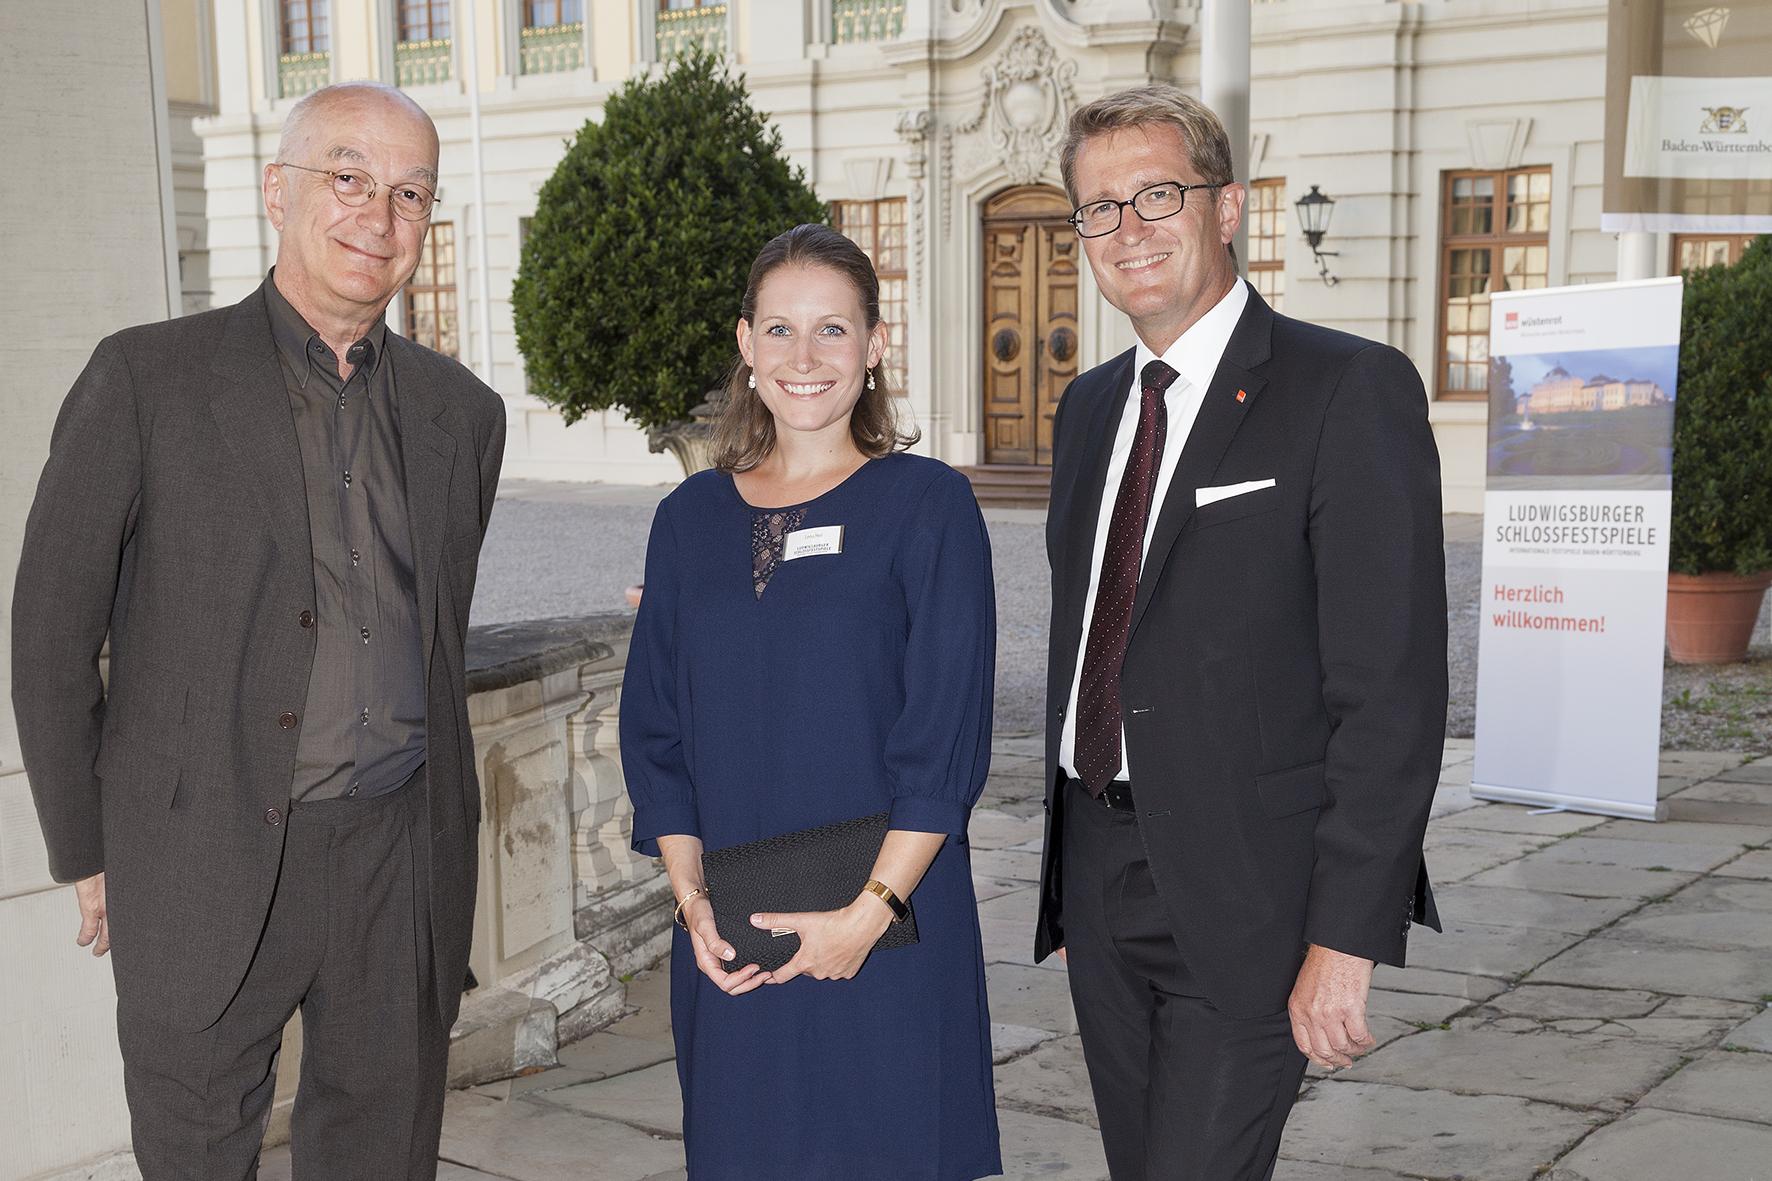 Bernd Hertweck, Thomas Wördehoff und Lena Heil